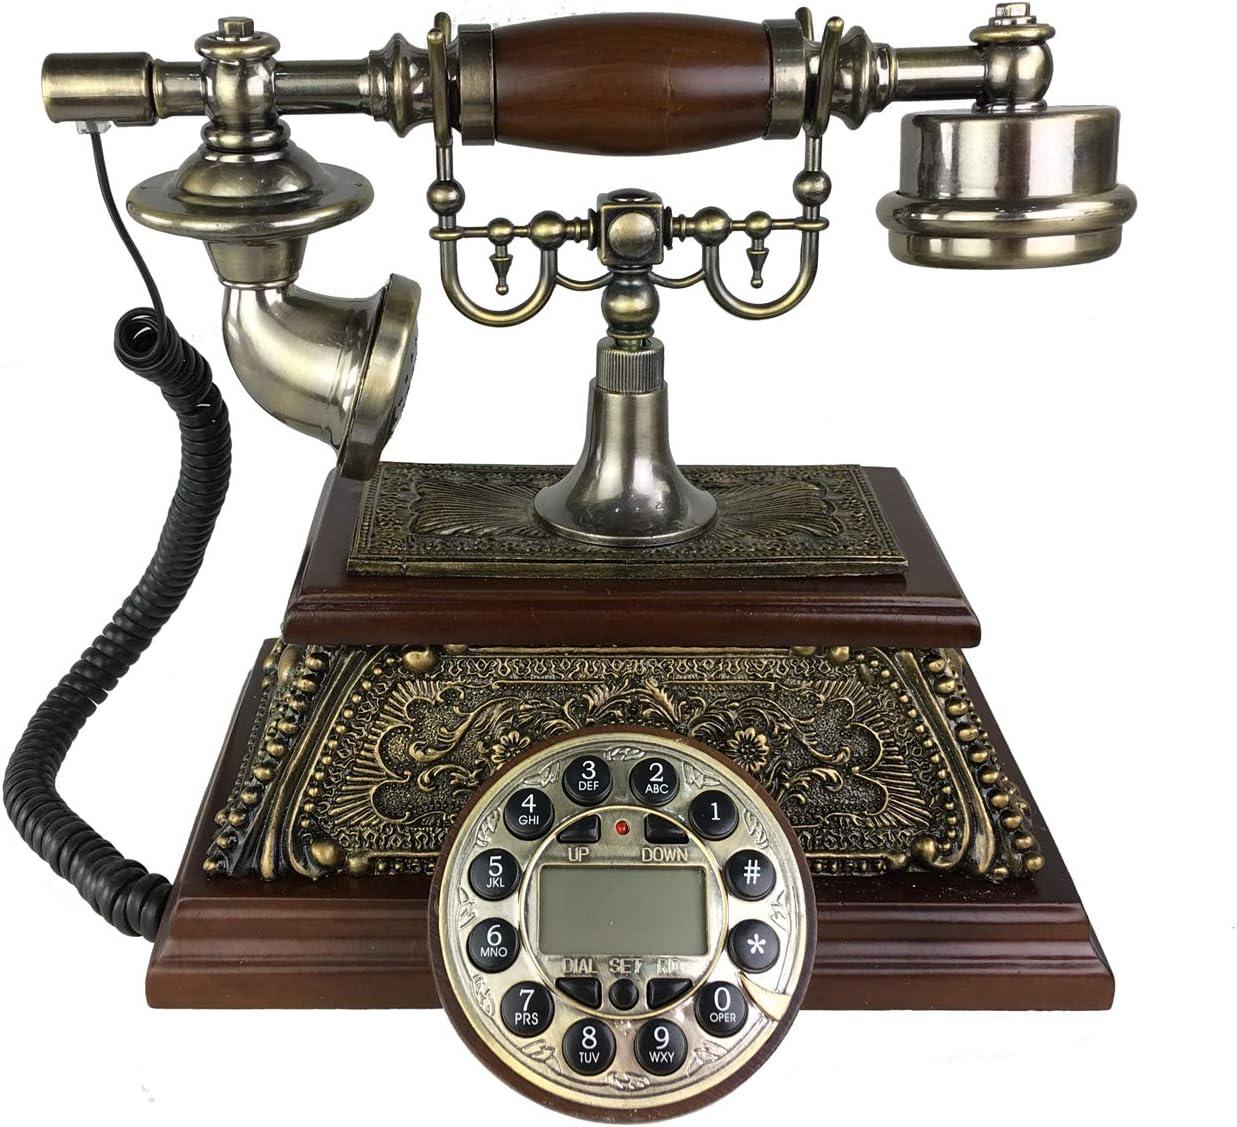 Antiguo teléfono Nostalgie Teléfono Tetra flor Diseño Nostalgie 9Dragón: Amazon.es: Juguetes y juegos